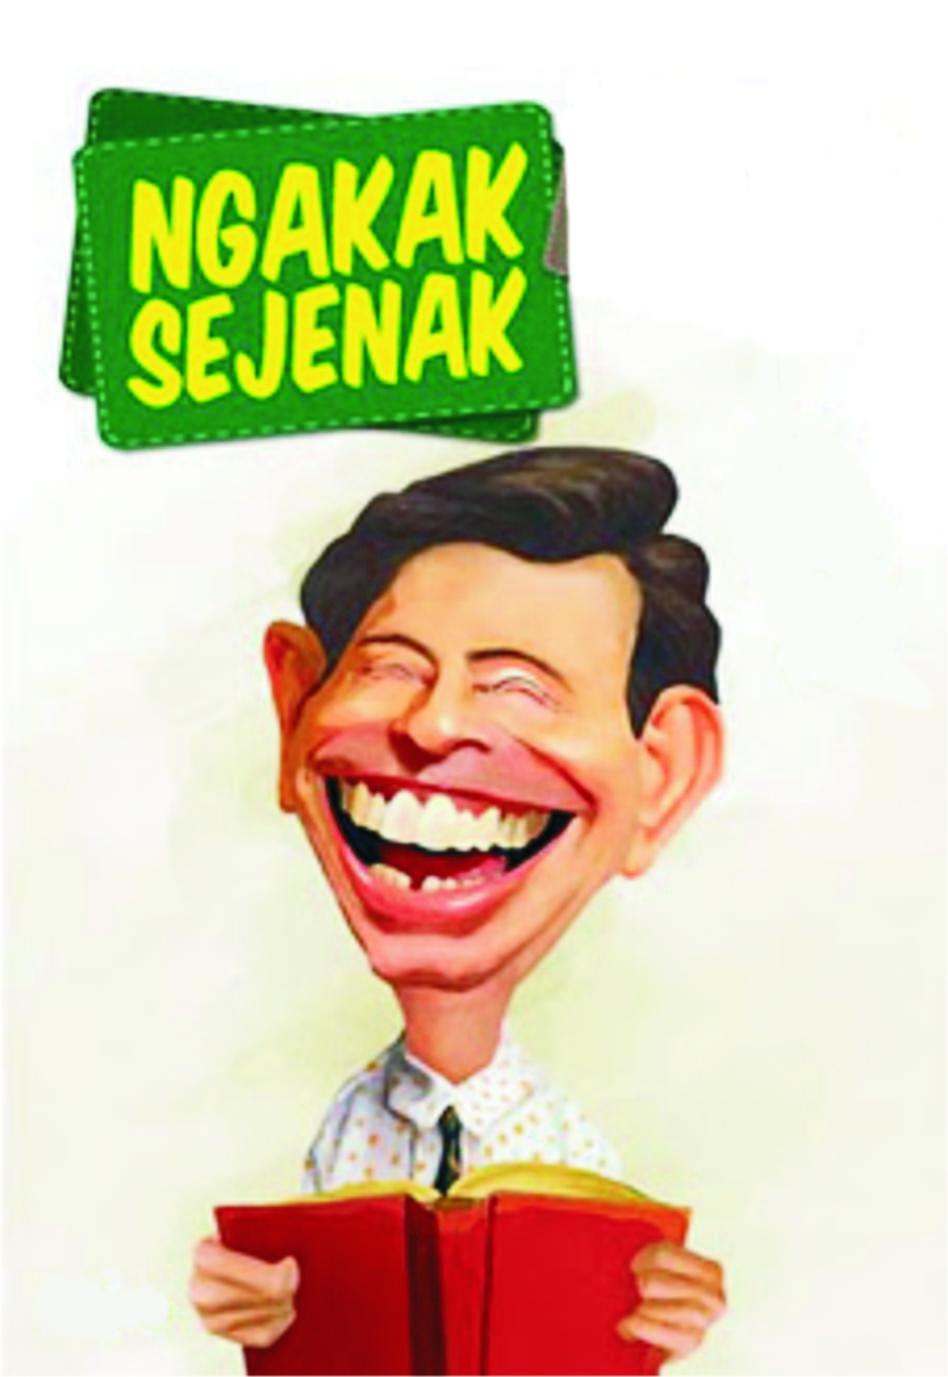 Kata Kata Gokil Dan Lucu Singkat | kukejar.com